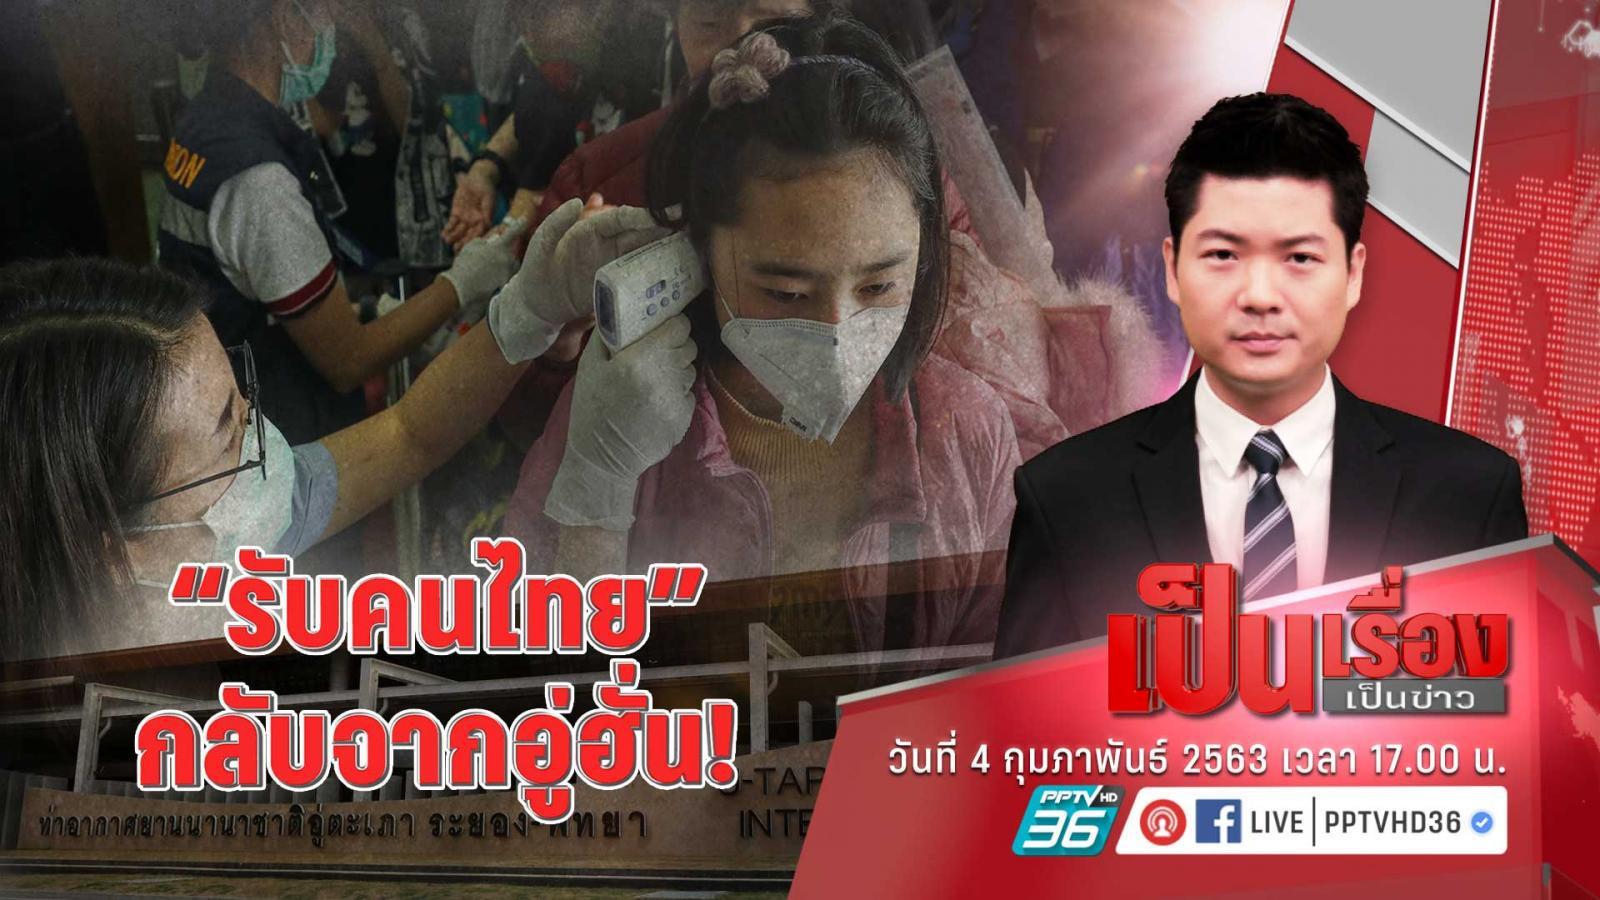 เปิดวิธีรับคนไทยกลับจากอู่ฮั่น แพทย์มั่นใจสุดรัดกุม